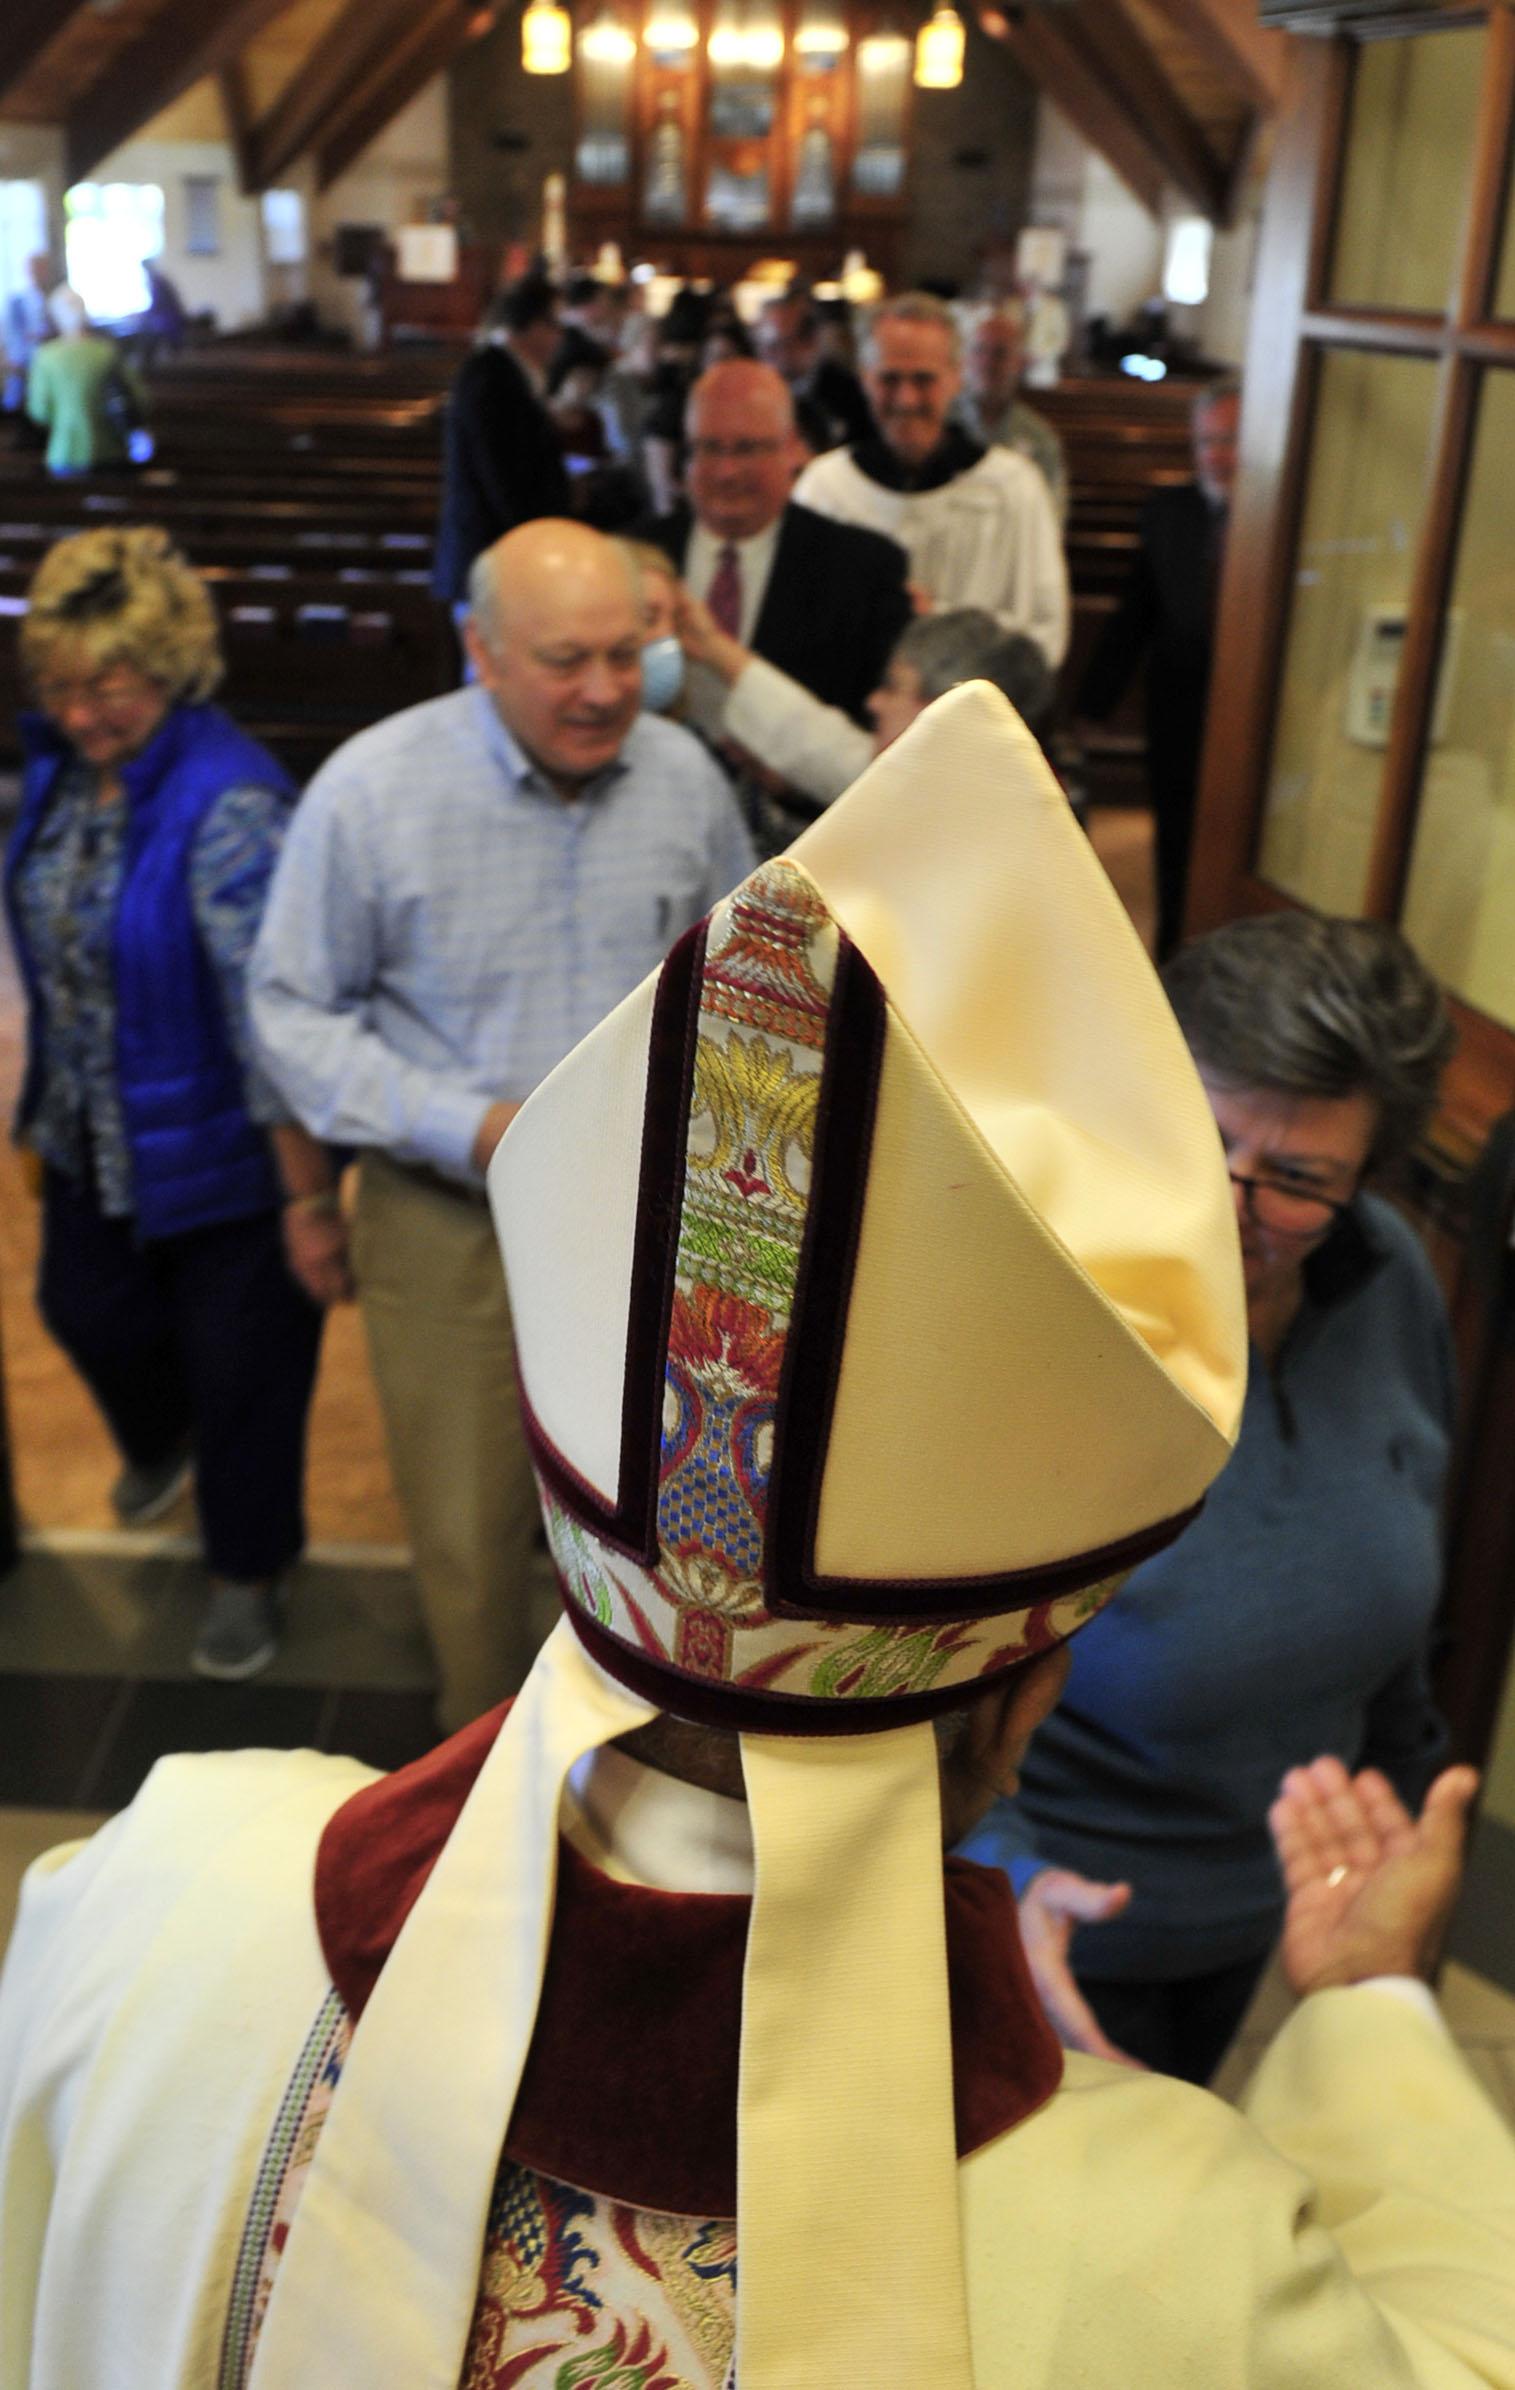 Bishop Visits St. Stephen's